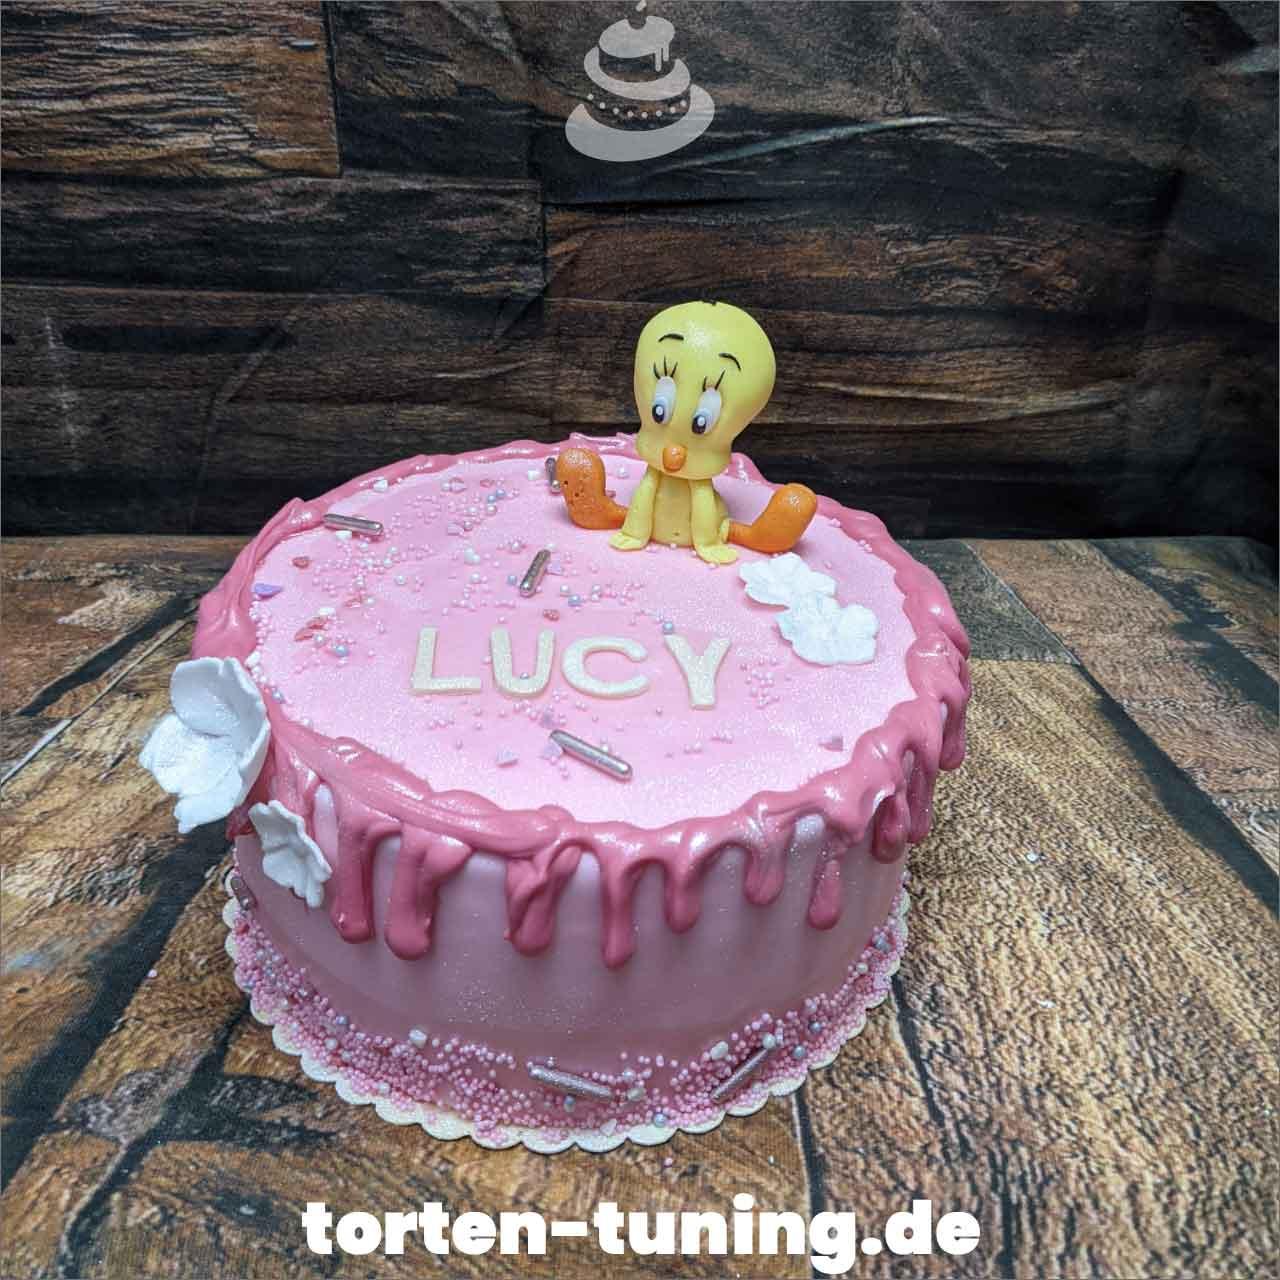 Tweety rosa Dripcake Obsttorte Geburtstagstorte Motivtorte Torte Tortendekoration Torte online bestellen Suhl Thüringen Torten Tuning Sahnetorte Tortenfiguren Cake Topper